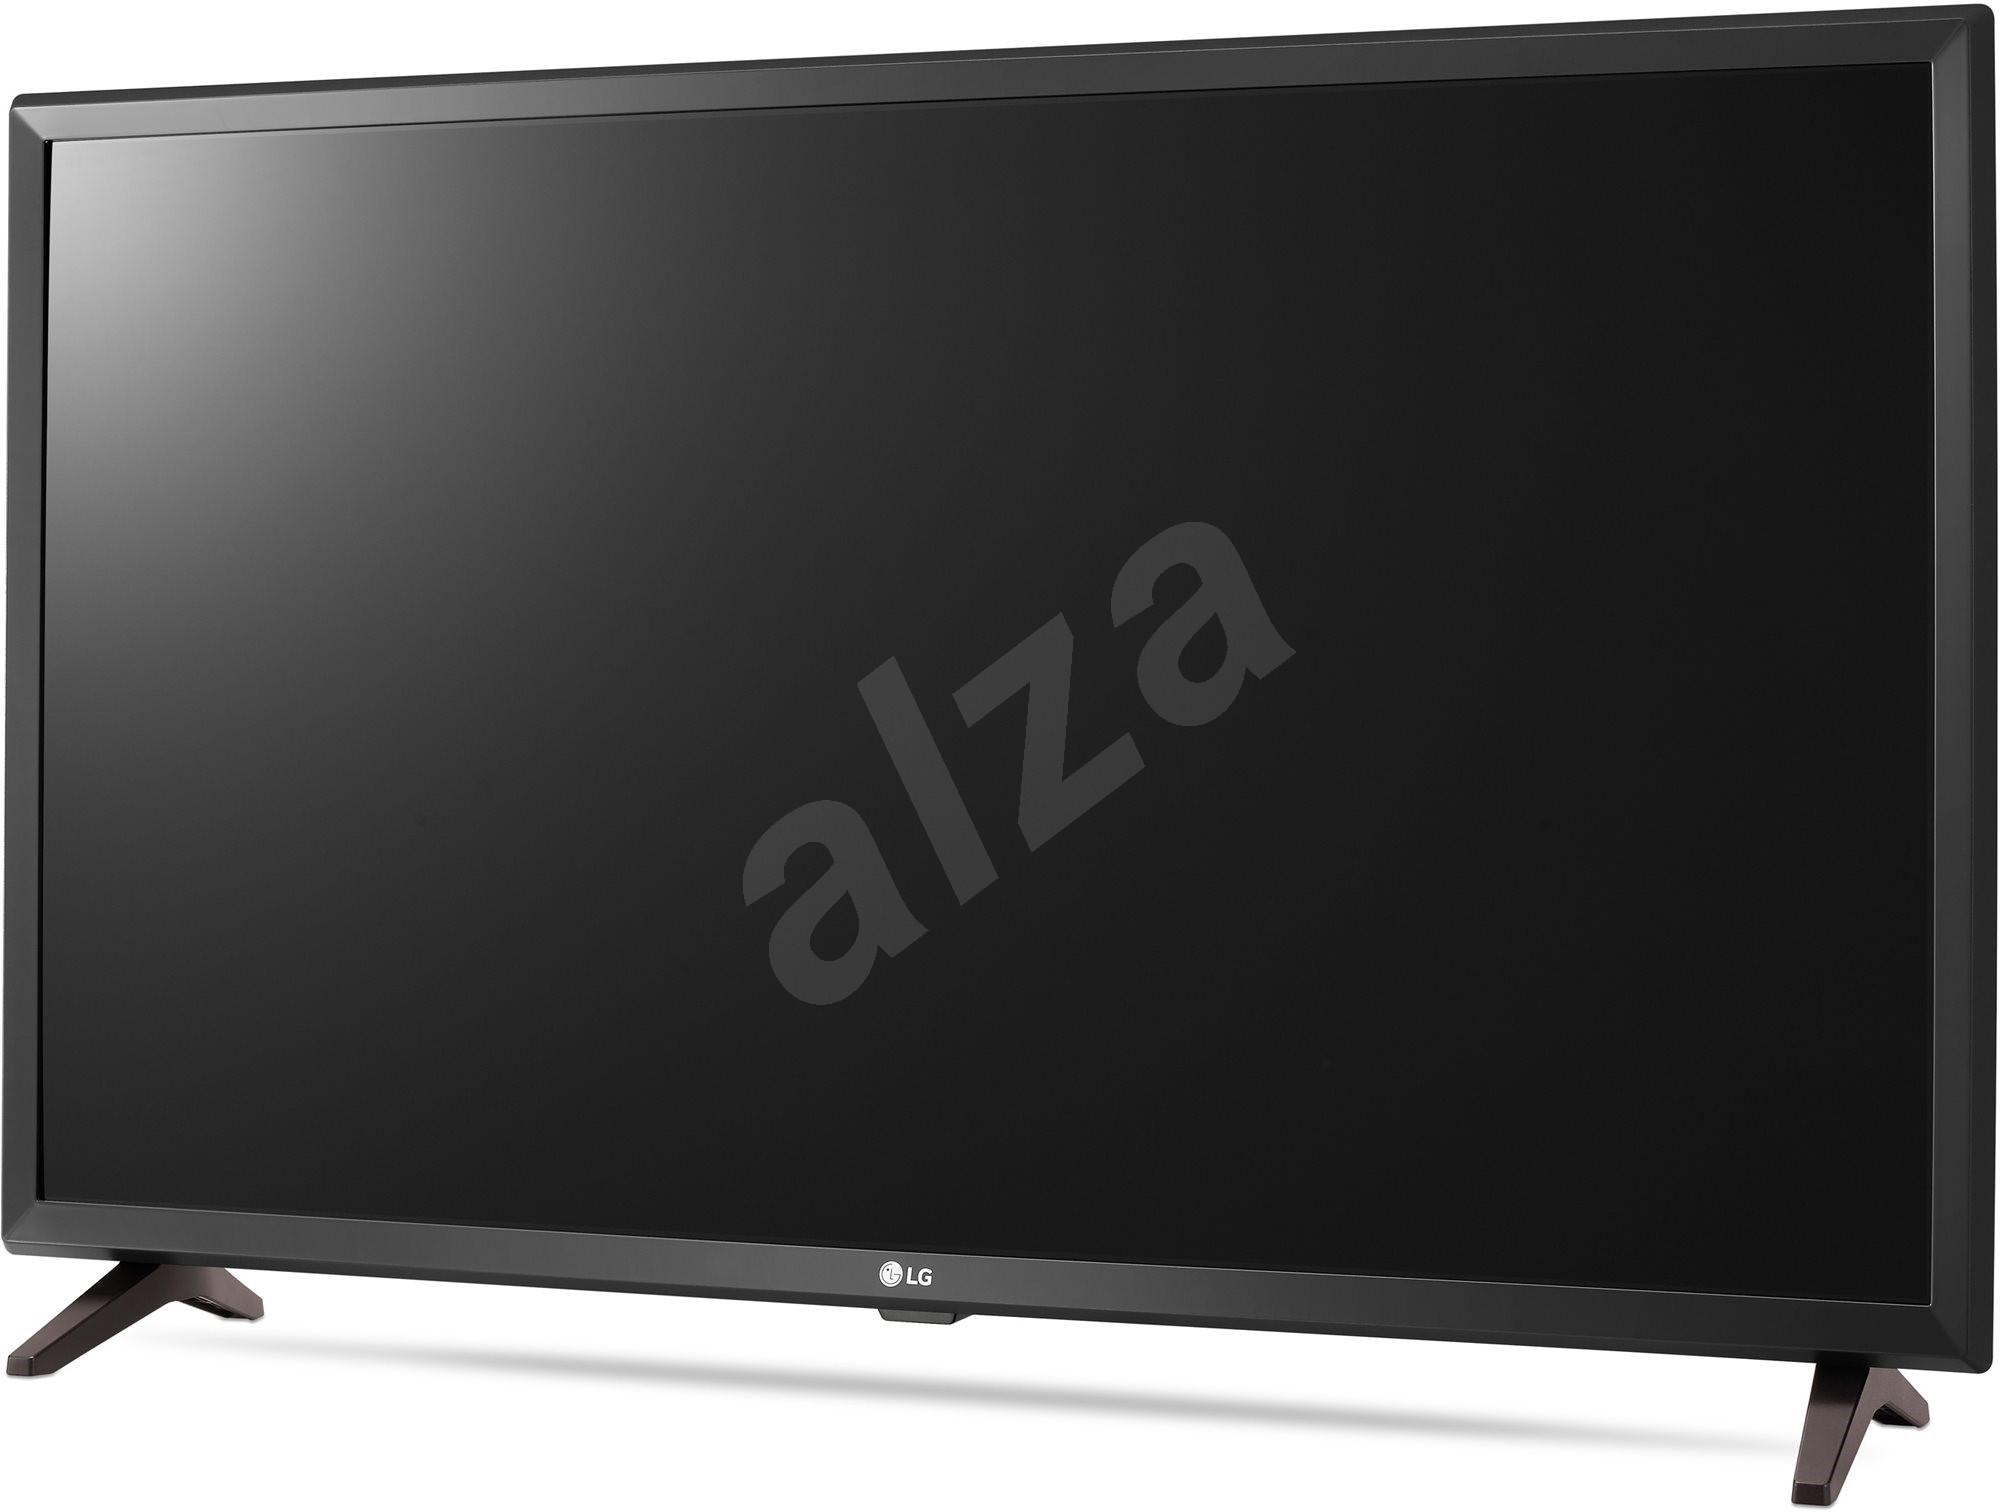 32 Lg 32lj610v Television